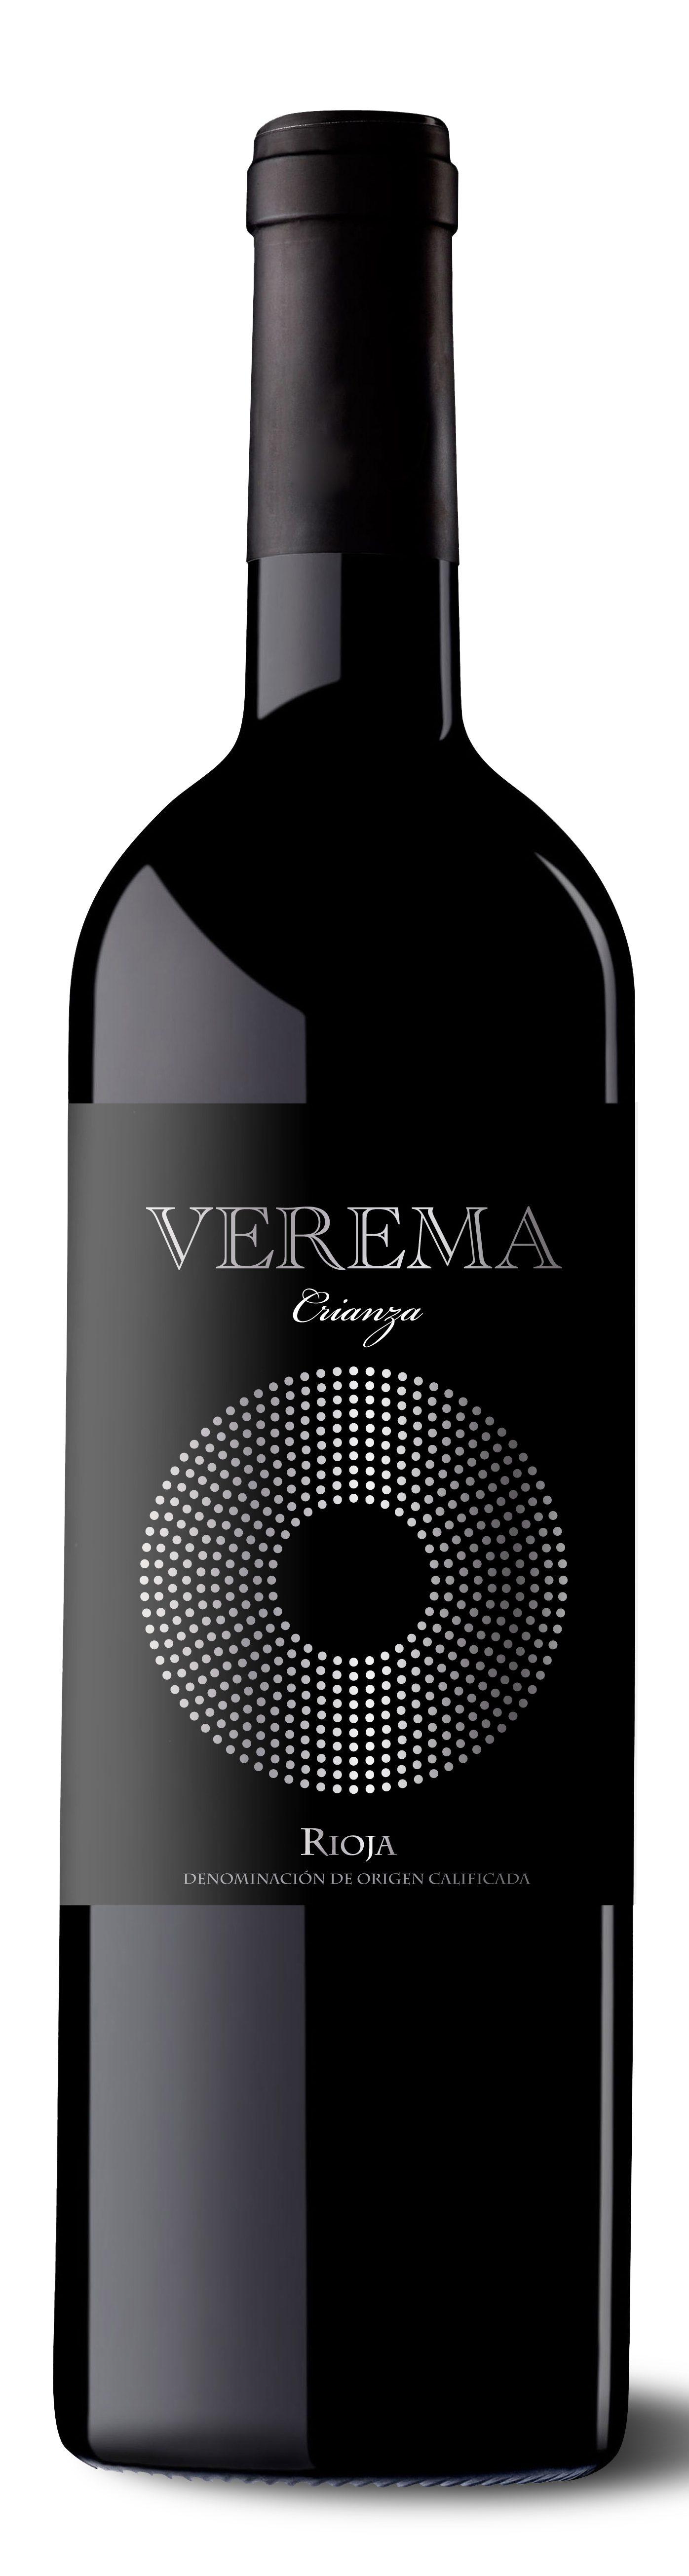 Vicente Gandia Verema Rioja Crianza